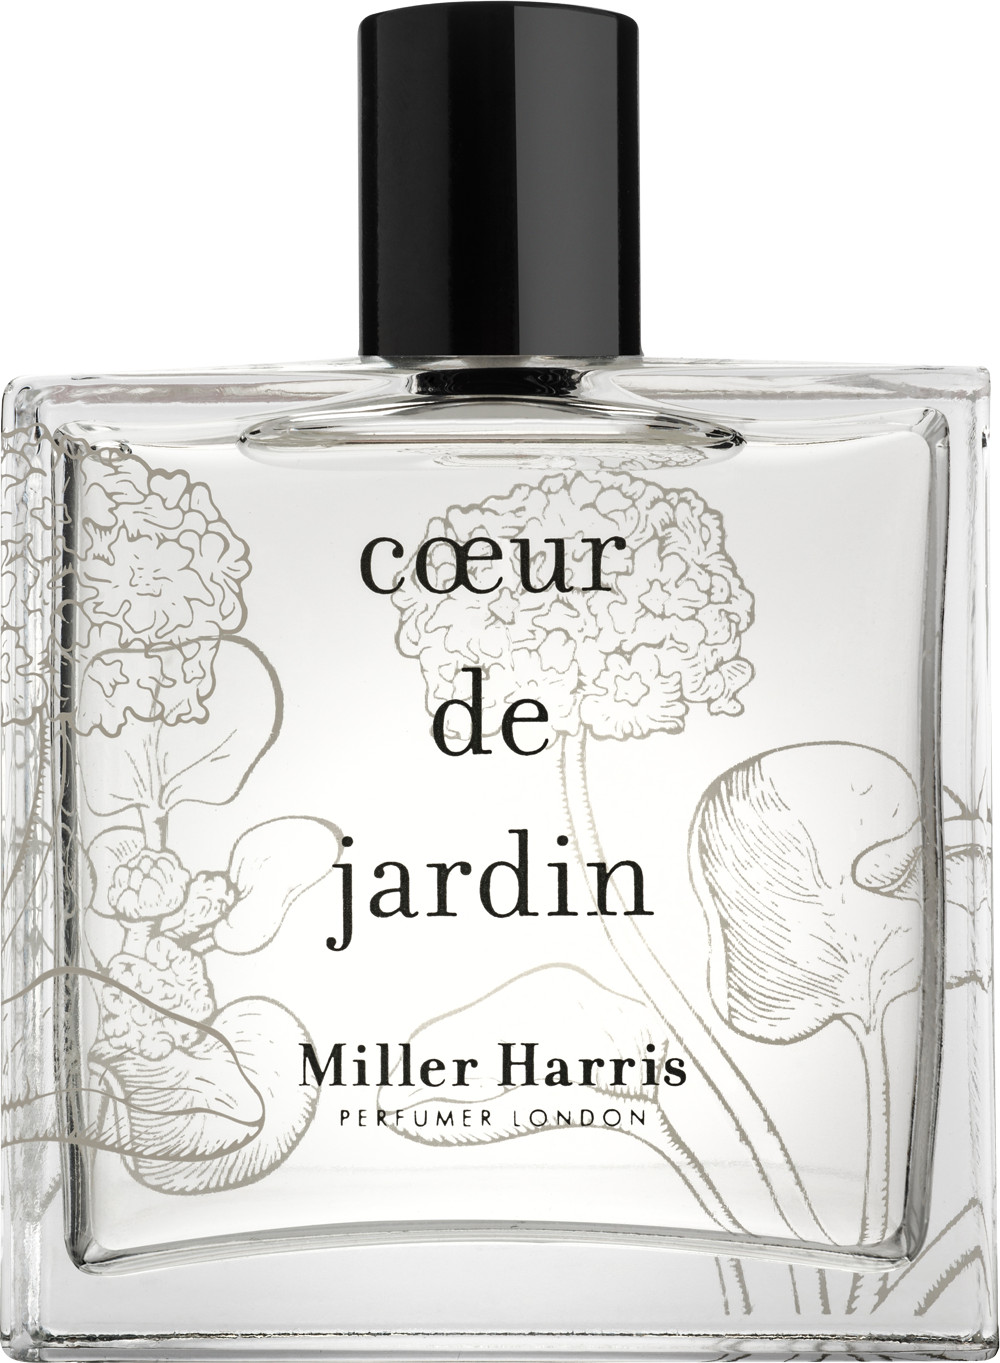 Miller Harris Coeur De Jardin Women's Perfume